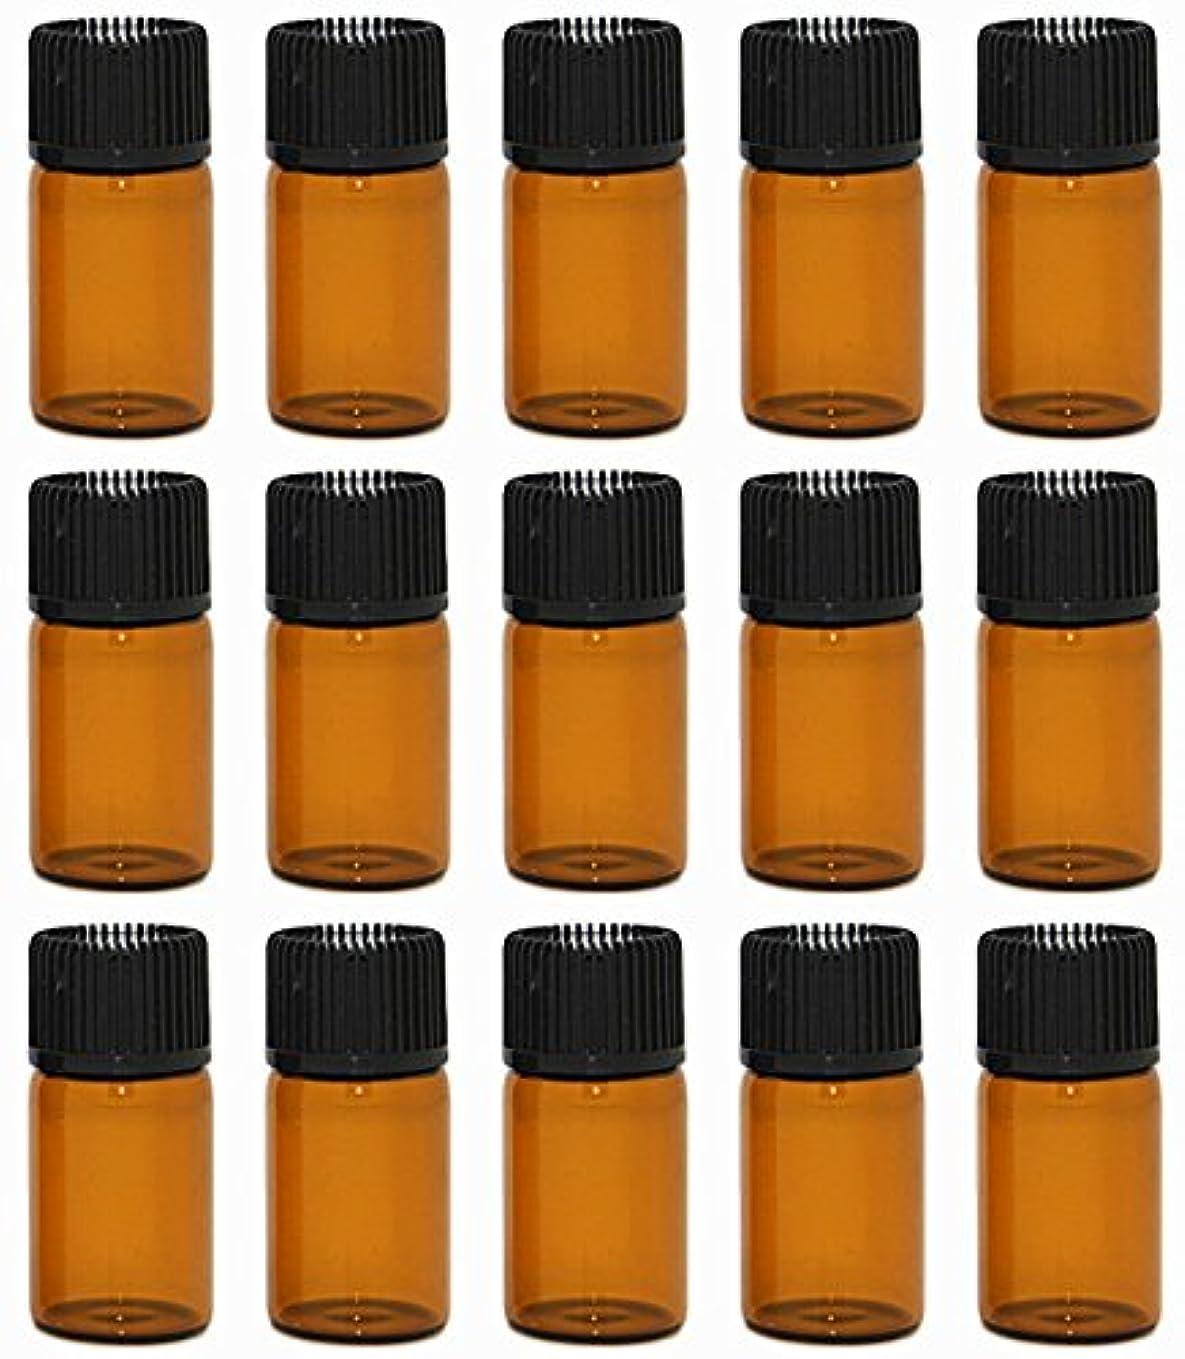 アクロバット高架証明【Rurumi】アロマオイル 精油 小分け用 遮光瓶 セット 茶 ガラス アロマ ボトル オイル 用 茶色 瓶 ビン エッセンシャルオイル 保存 詰替え 瓶 ビン (3ml 15本 セット)